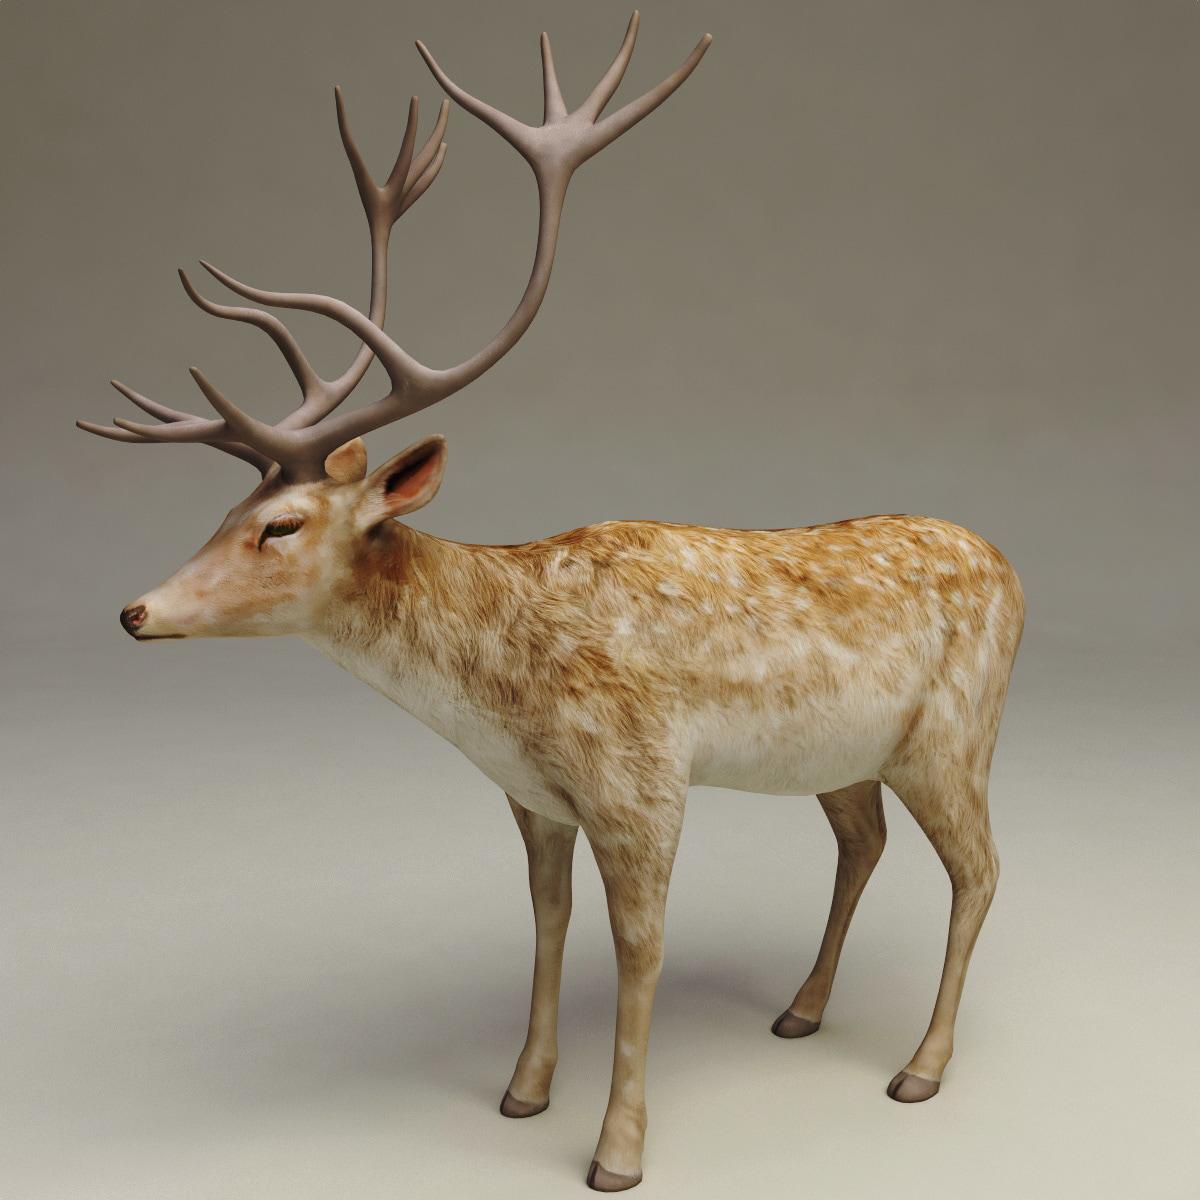 deer v2 3d model